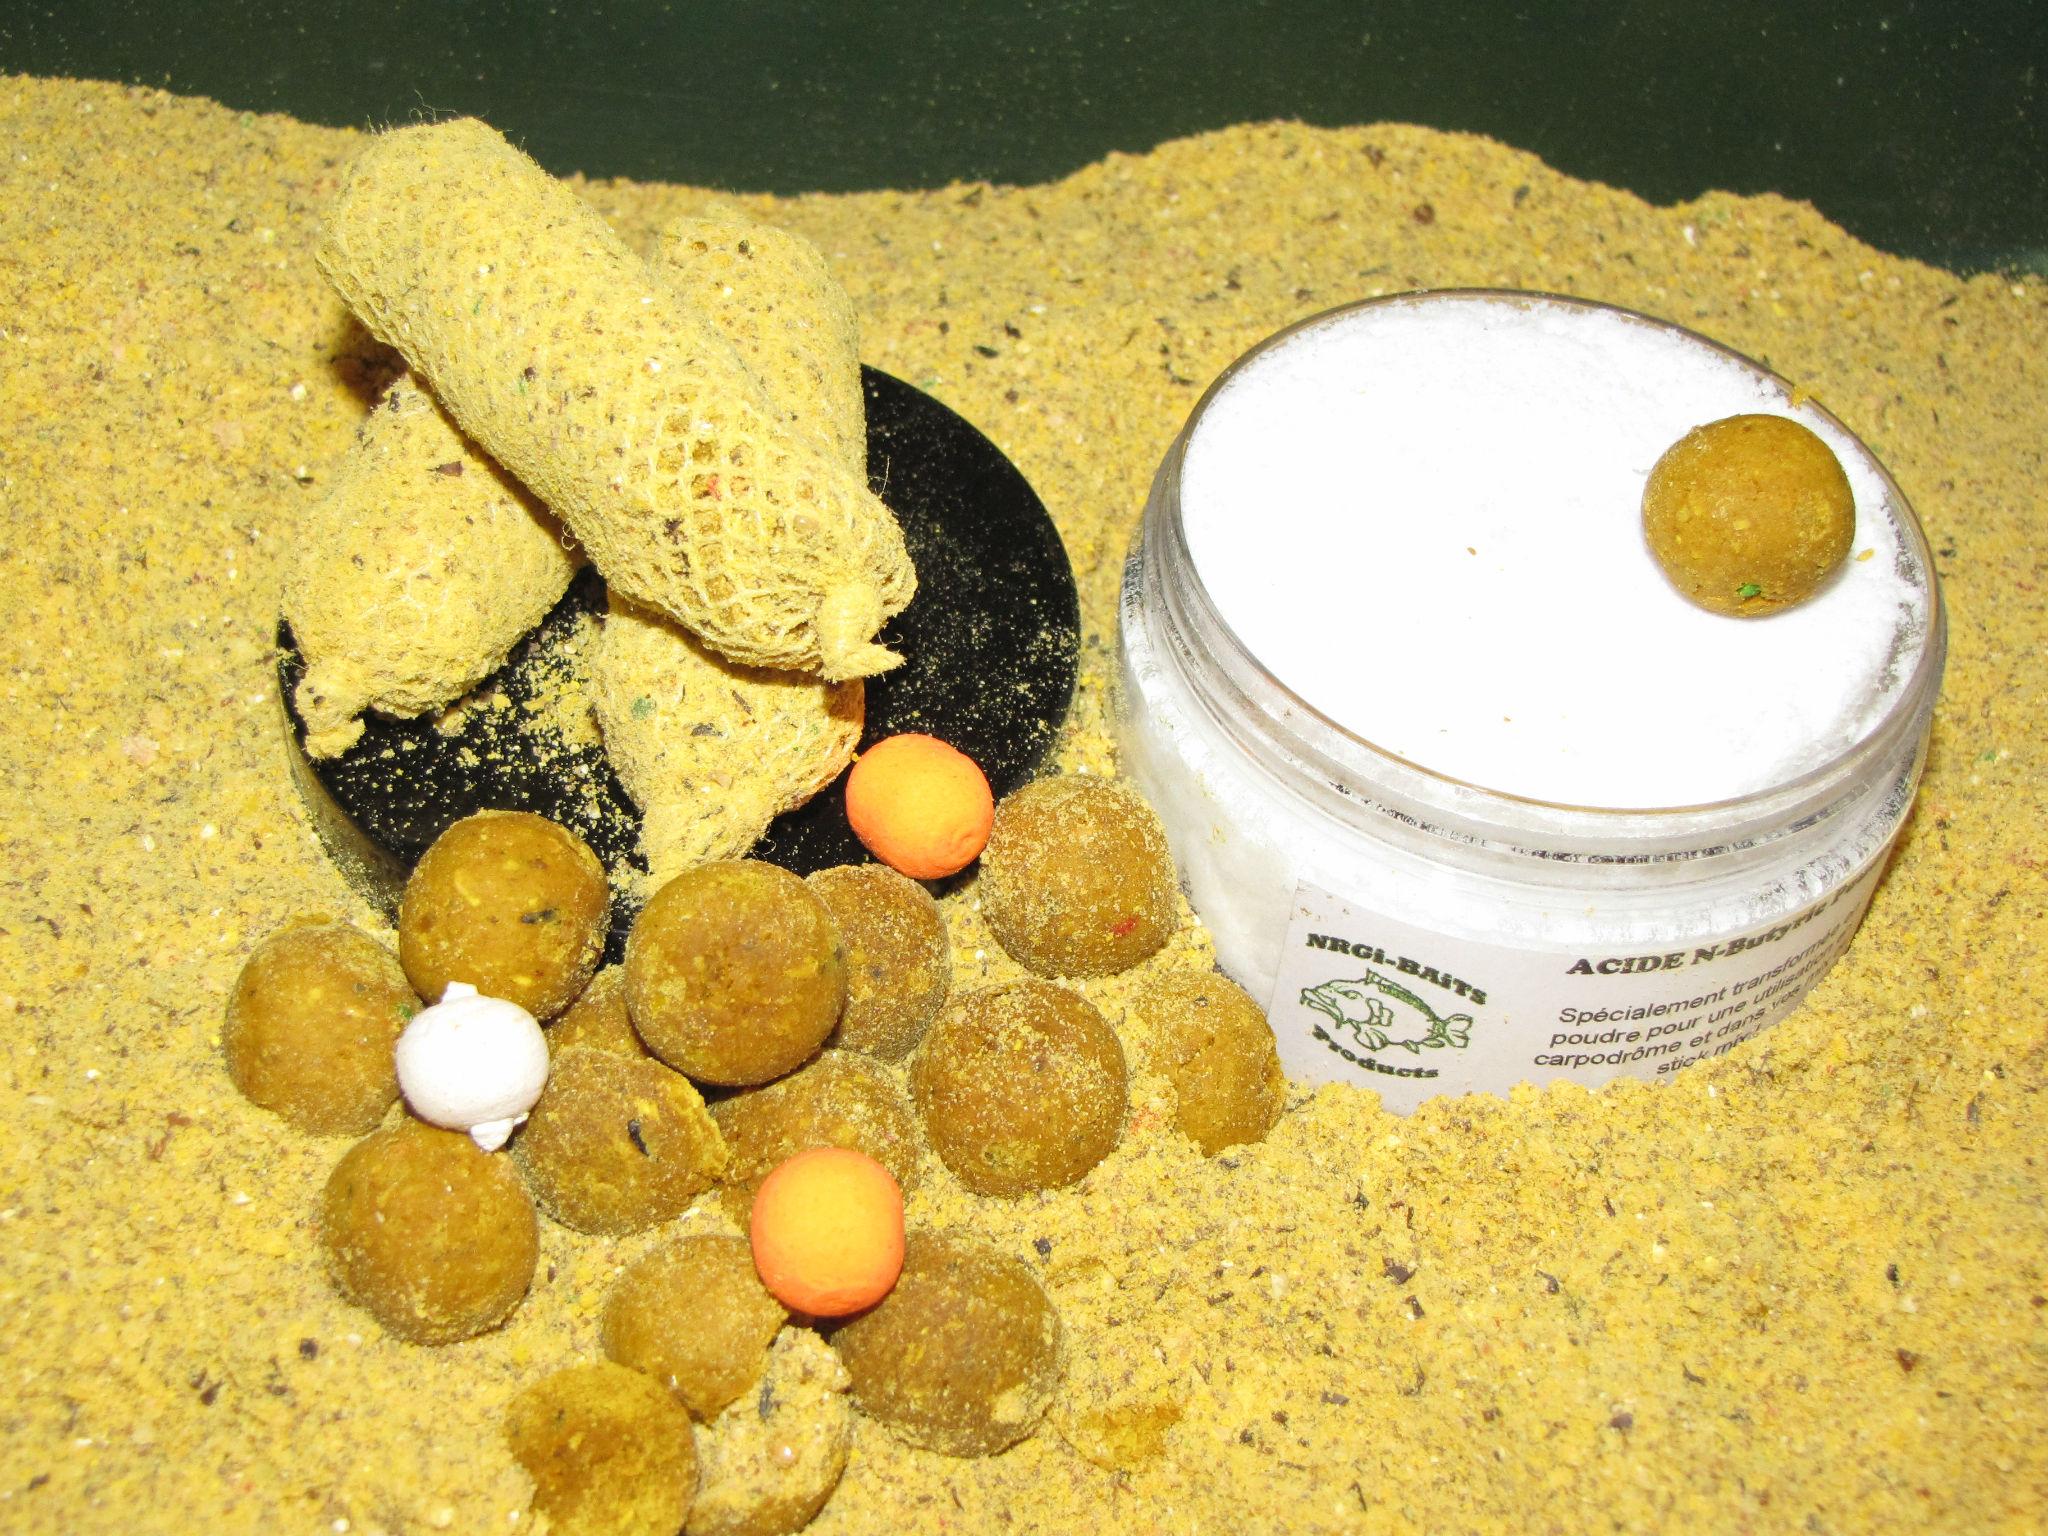 Acide n Butyrique pour les bouillettes pour pêcher la carpe